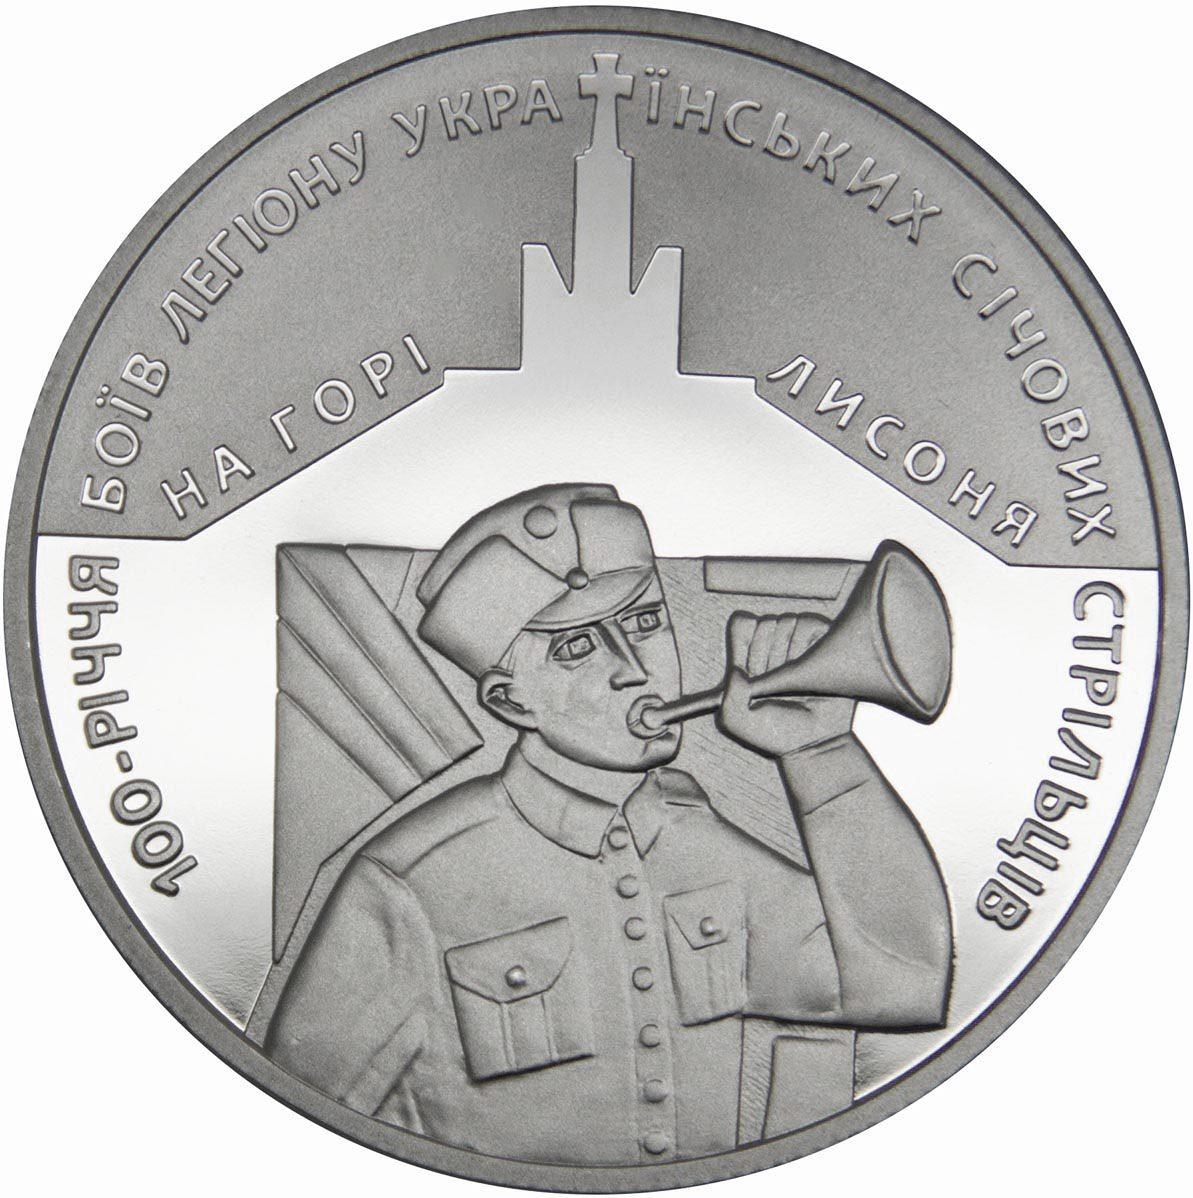 5 гривен. 100 лет легиону боевых стрельцов на горе Лысоня. 2016 год